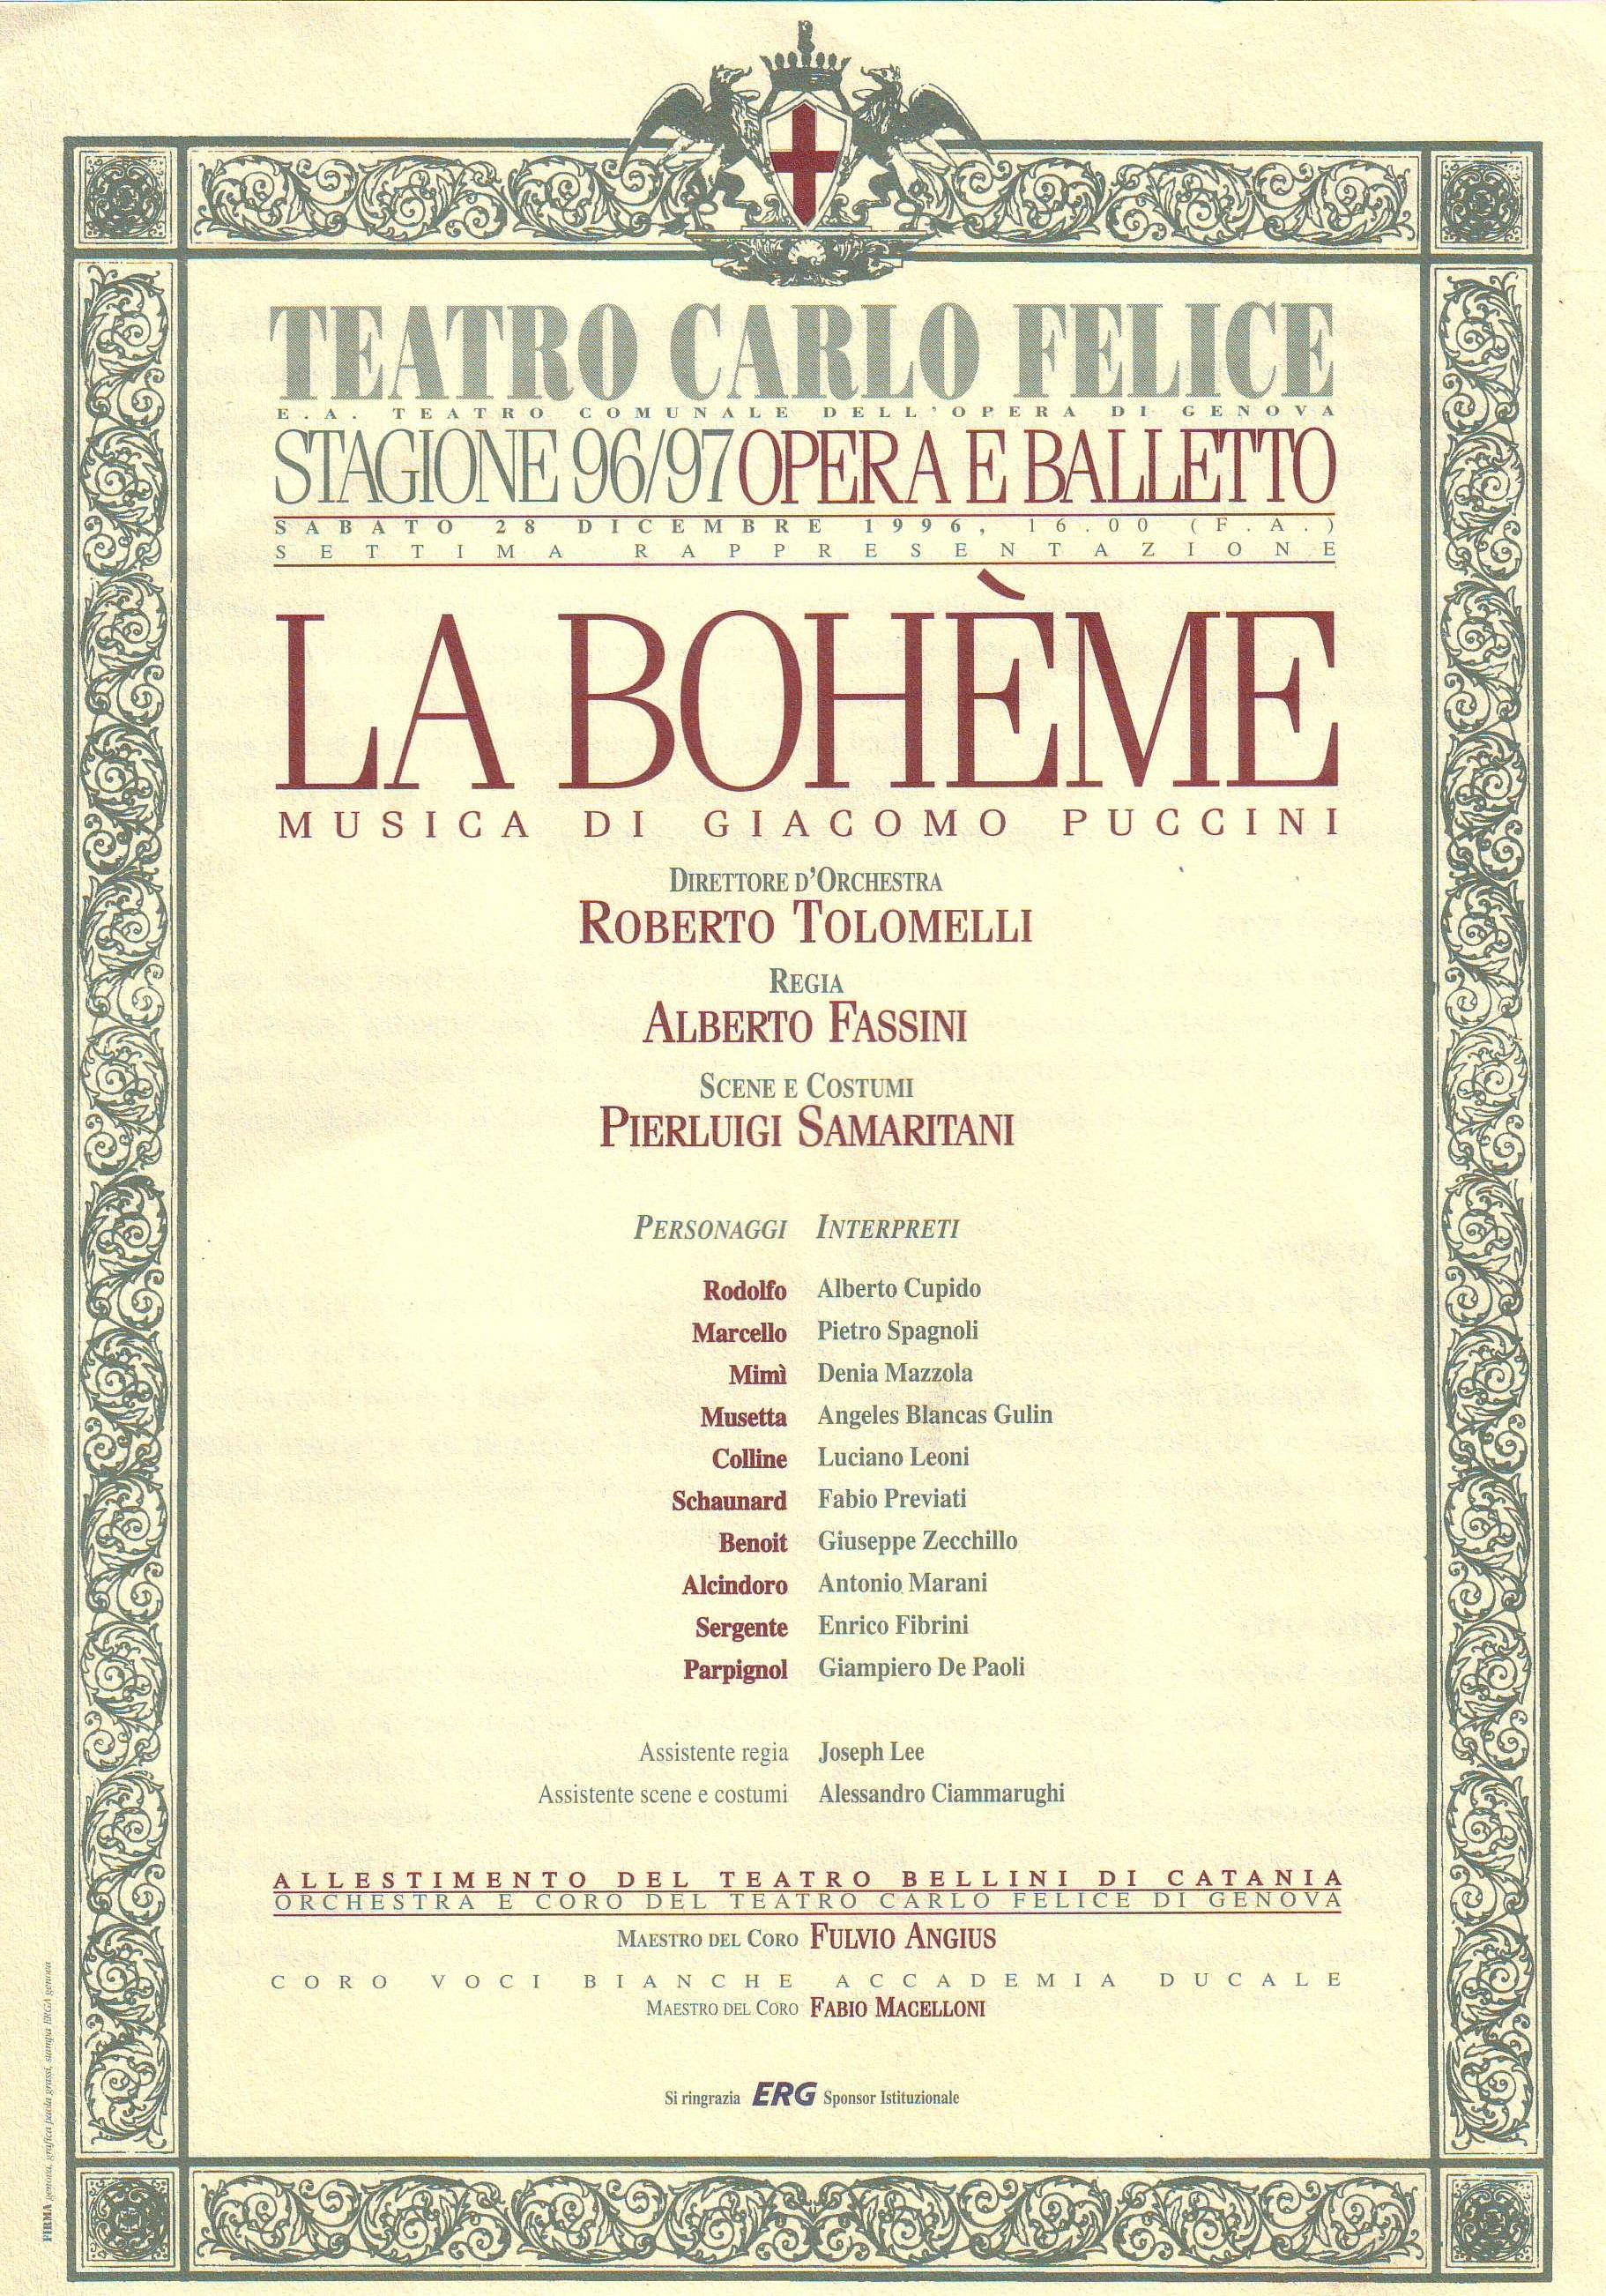 N°14 Bohème genova-page-001.jpg